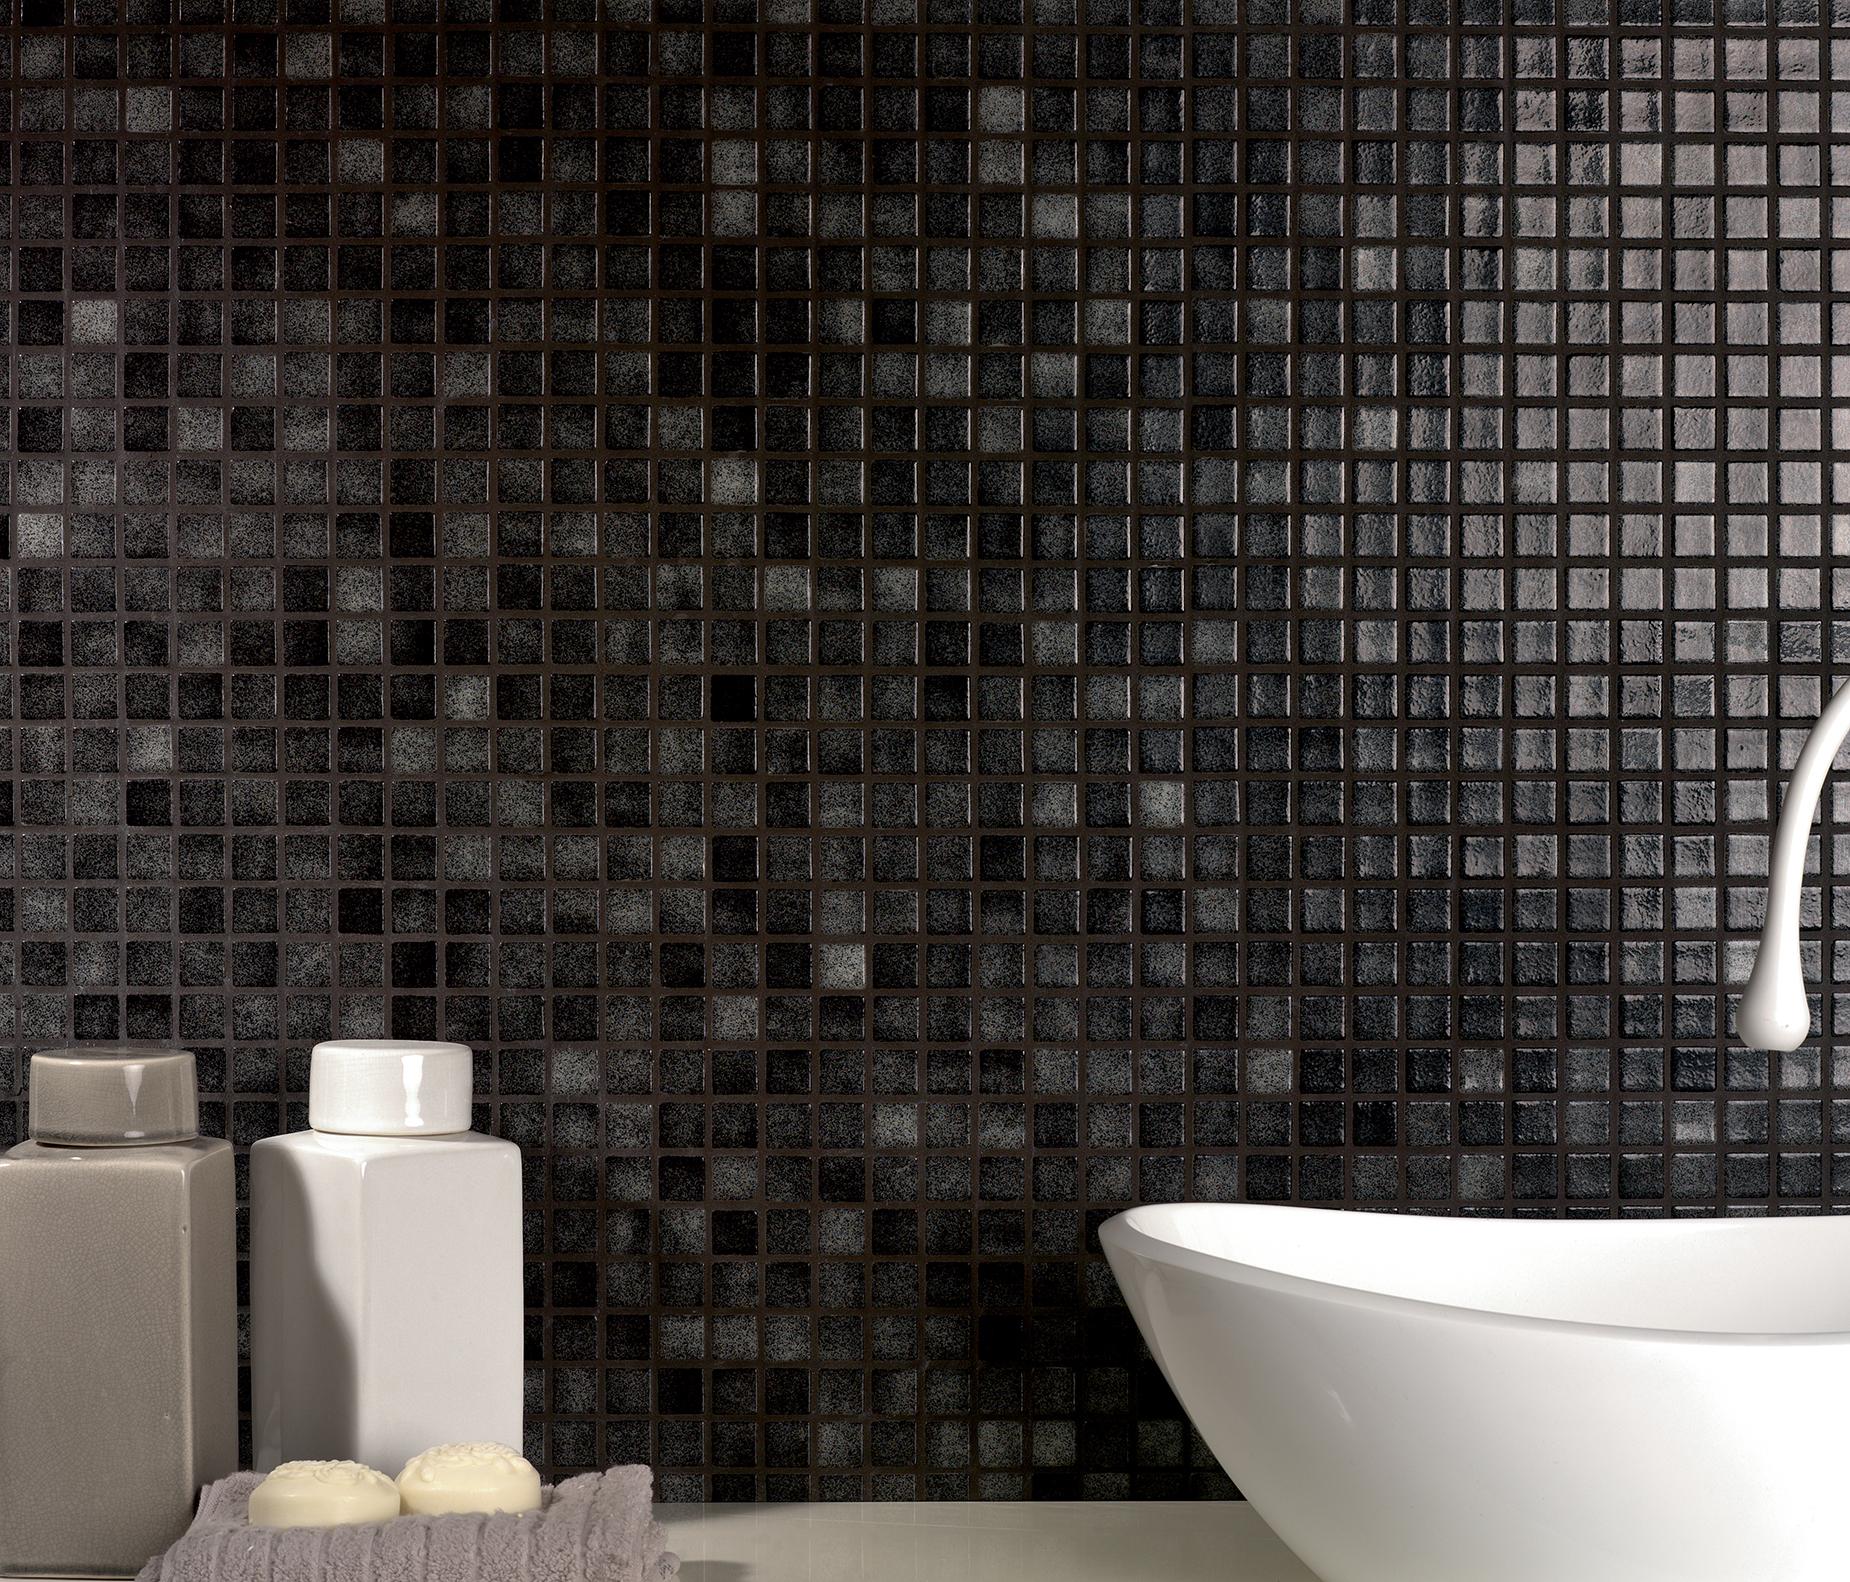 Bagno Con Mosaico Bianco rivestimenti bagno in mosaico nero e i suoi costi